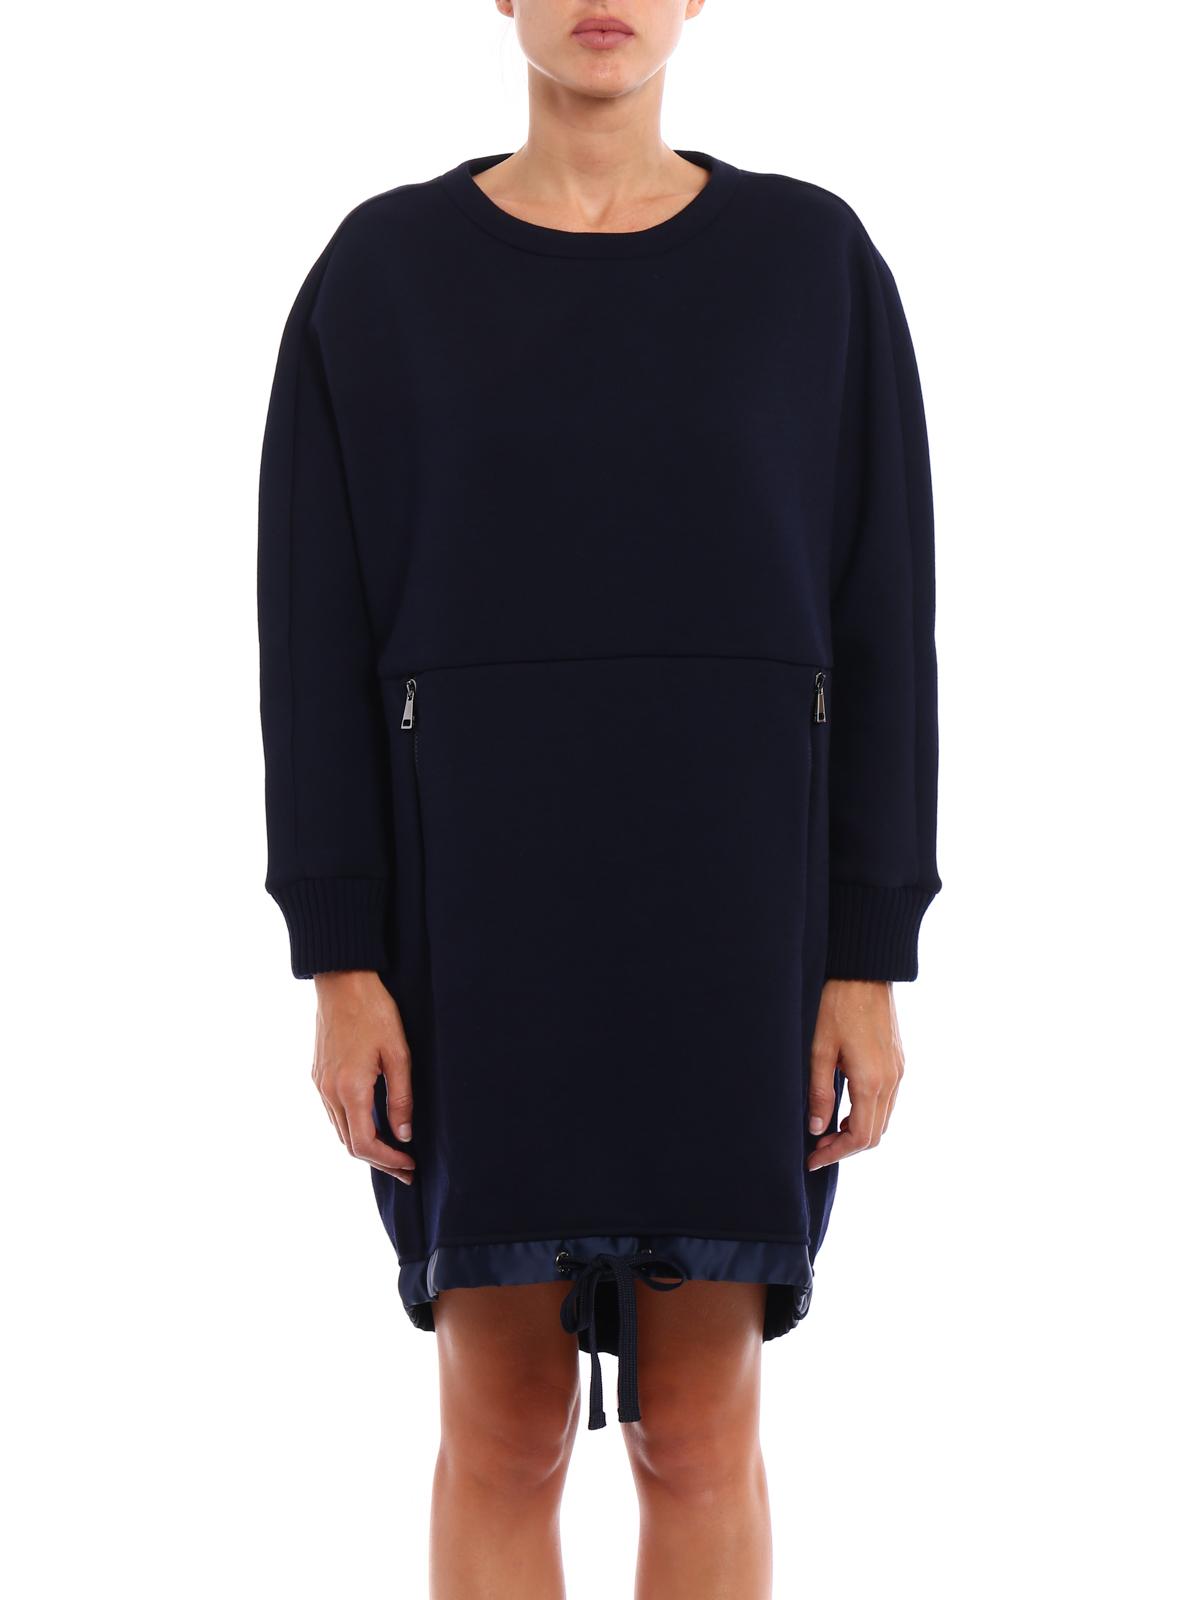 c21e62e13fac Moncler - Abito in jersey di misto lana - abiti corti - C2 093 ...